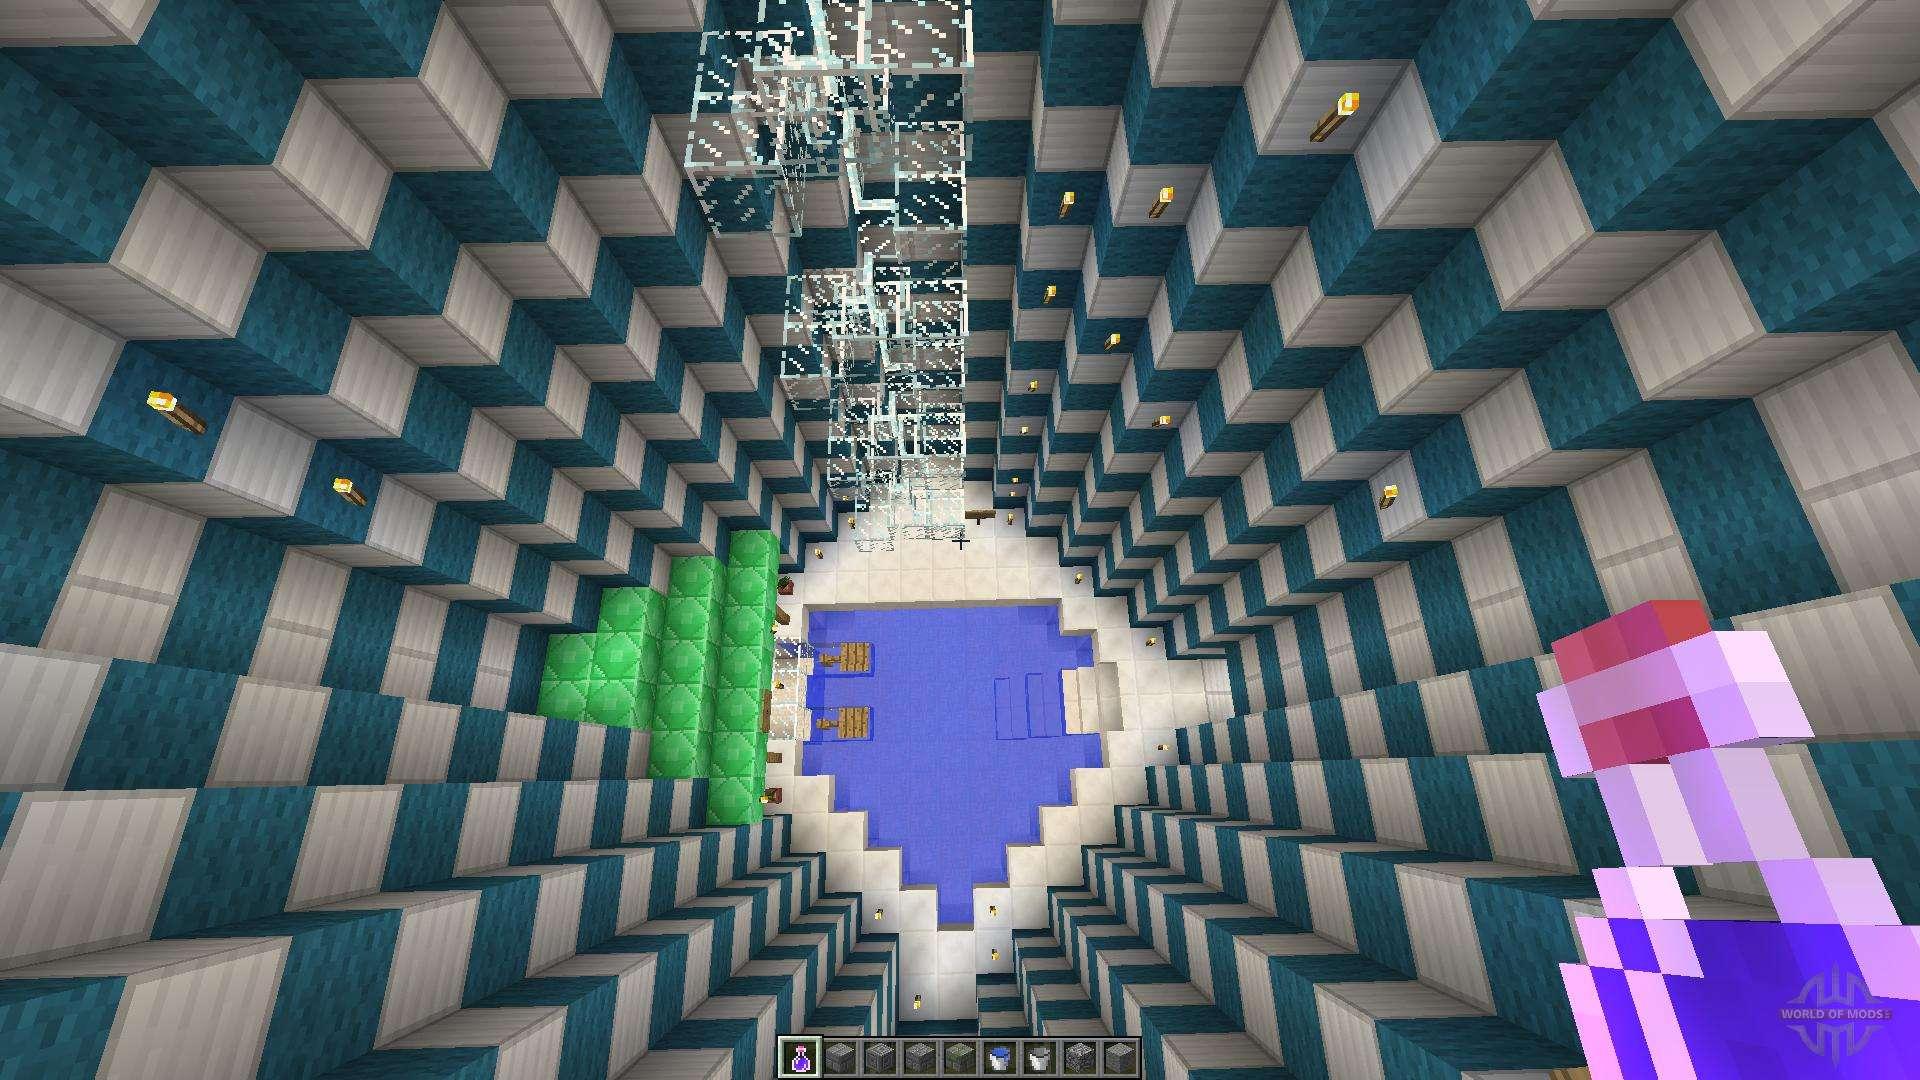 Sensational Night Club Big Splash For Minecraft Download Free Architecture Designs Scobabritishbridgeorg